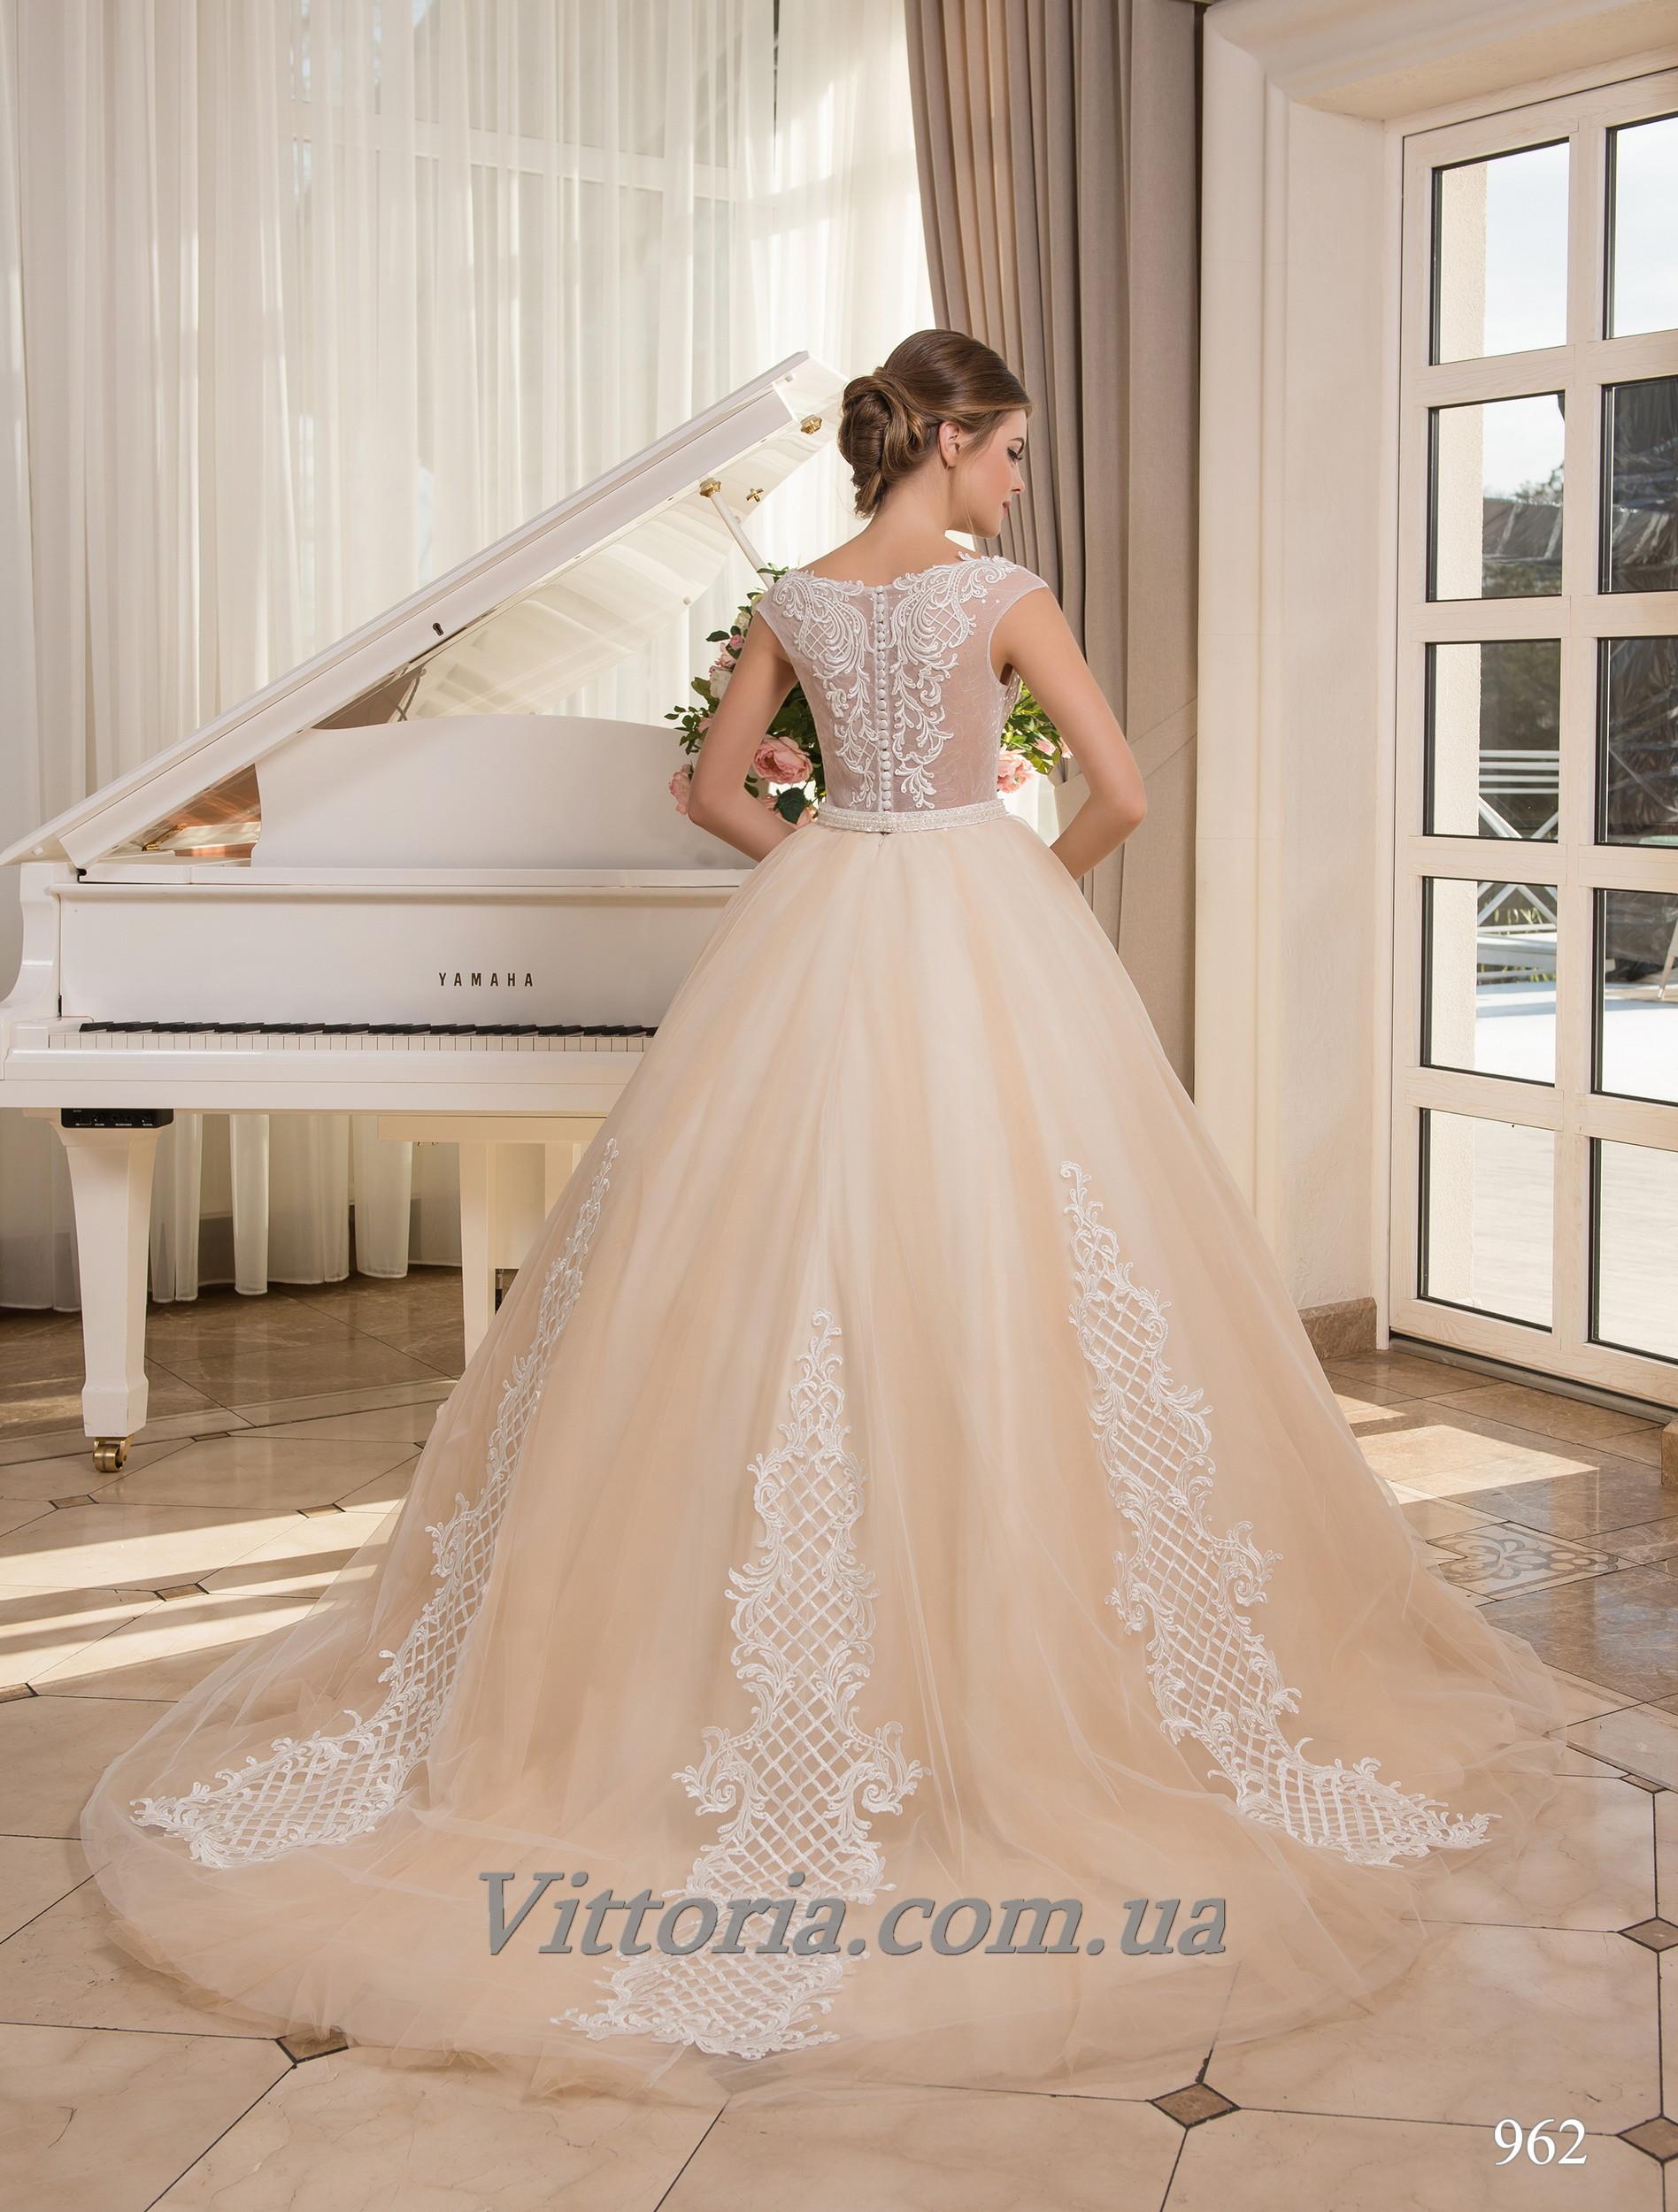 Свадебное платье Модель 17-962